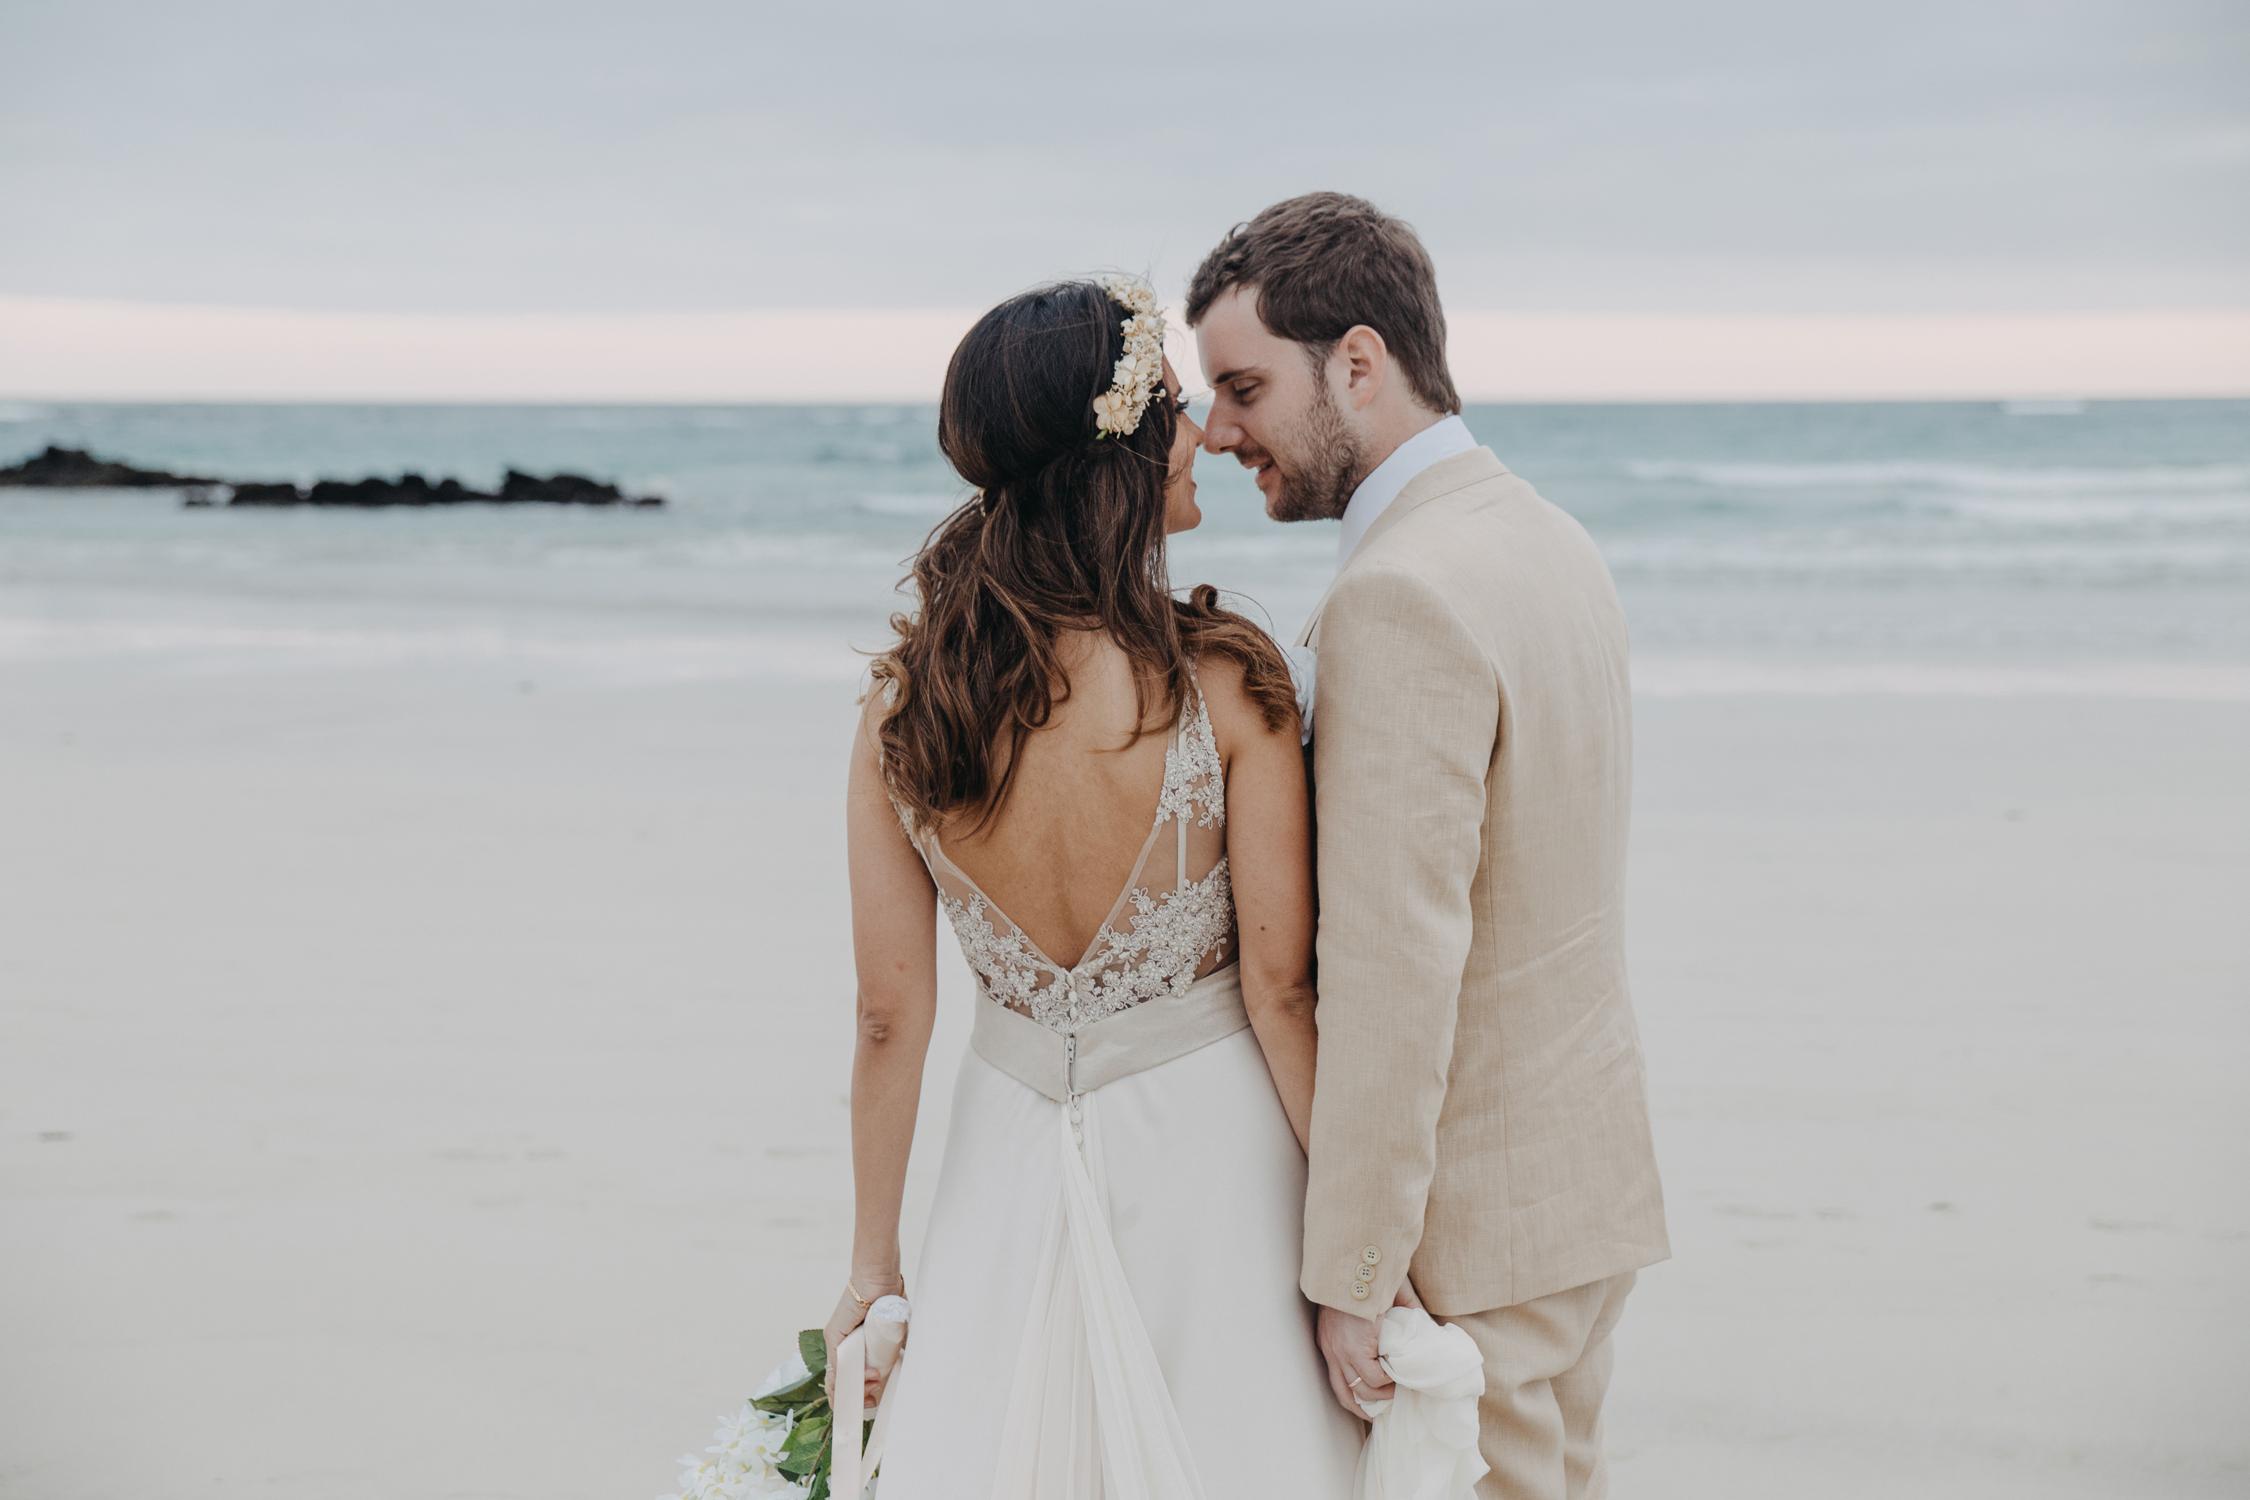 Michelle-Agurto-Fotografia-Bodas-Ecuador-Destination-Wedding-Photographer-Galapagos-Andrea-Joaquin-183.JPG